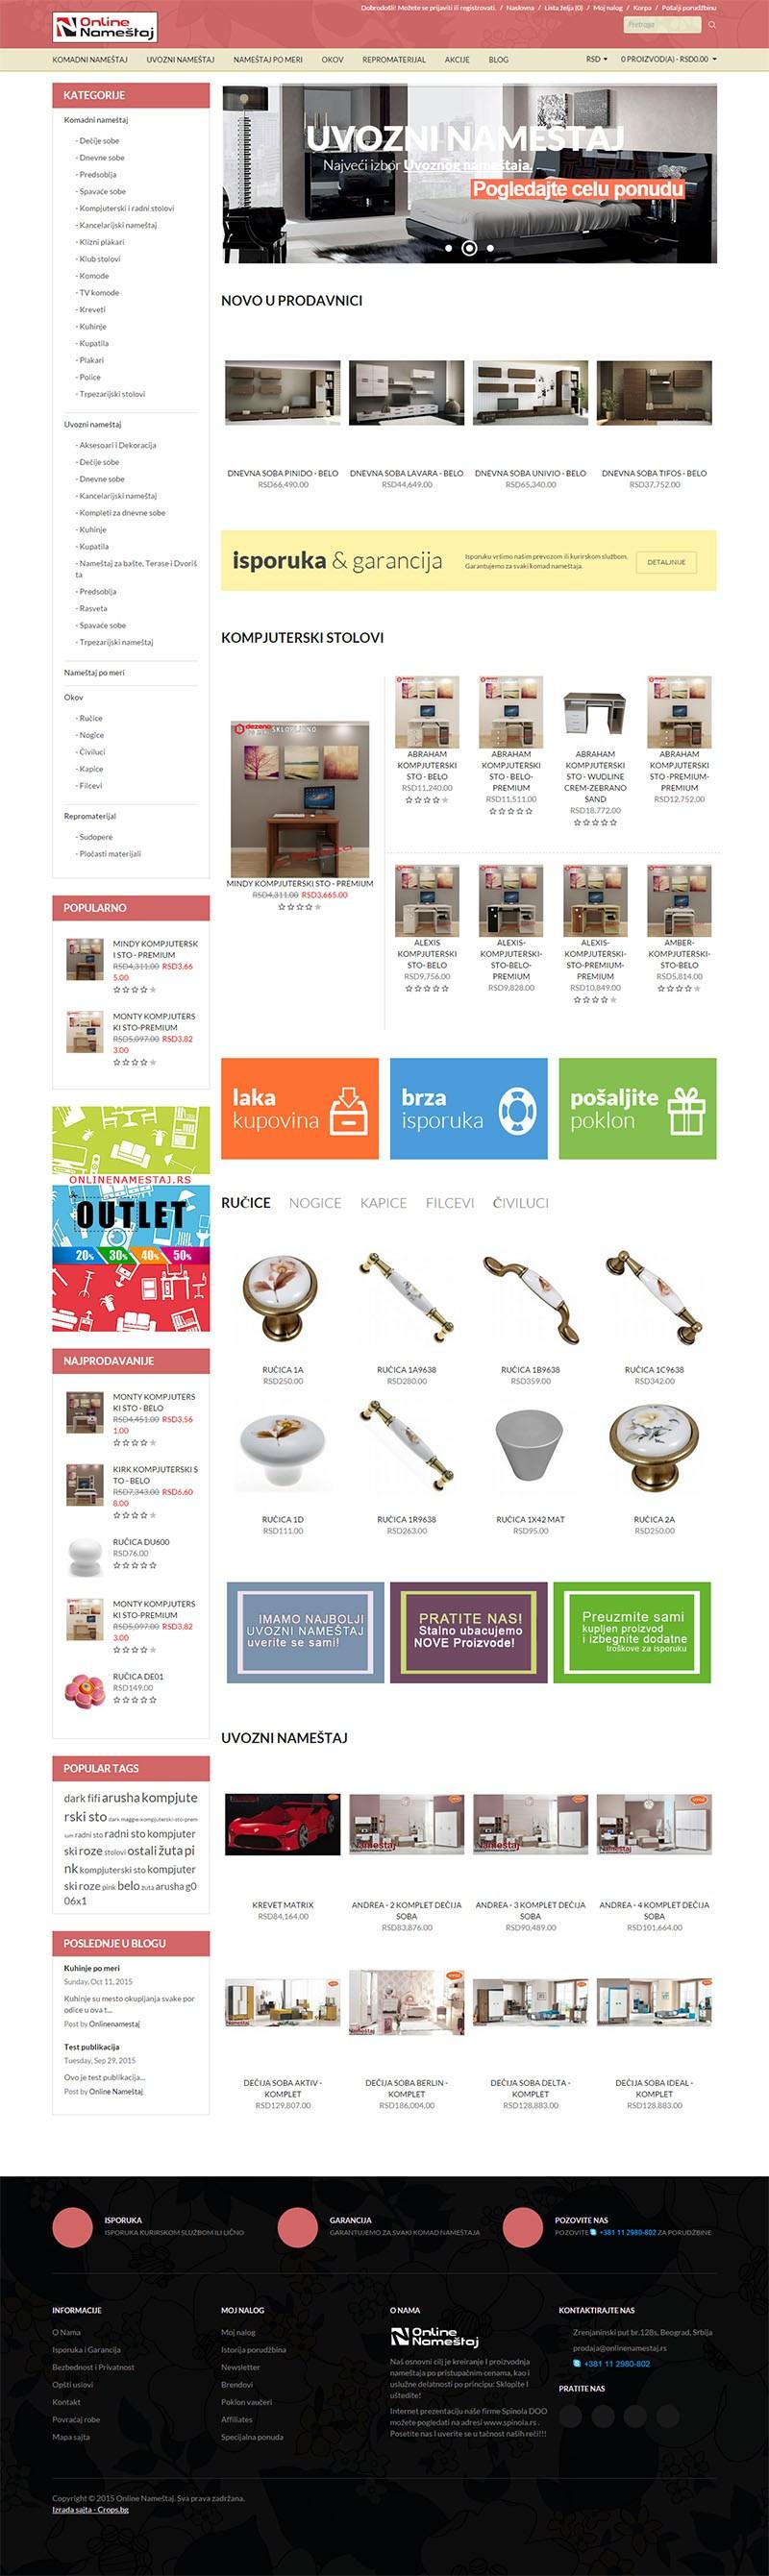 Online prodavnica za nameštaj, webnime